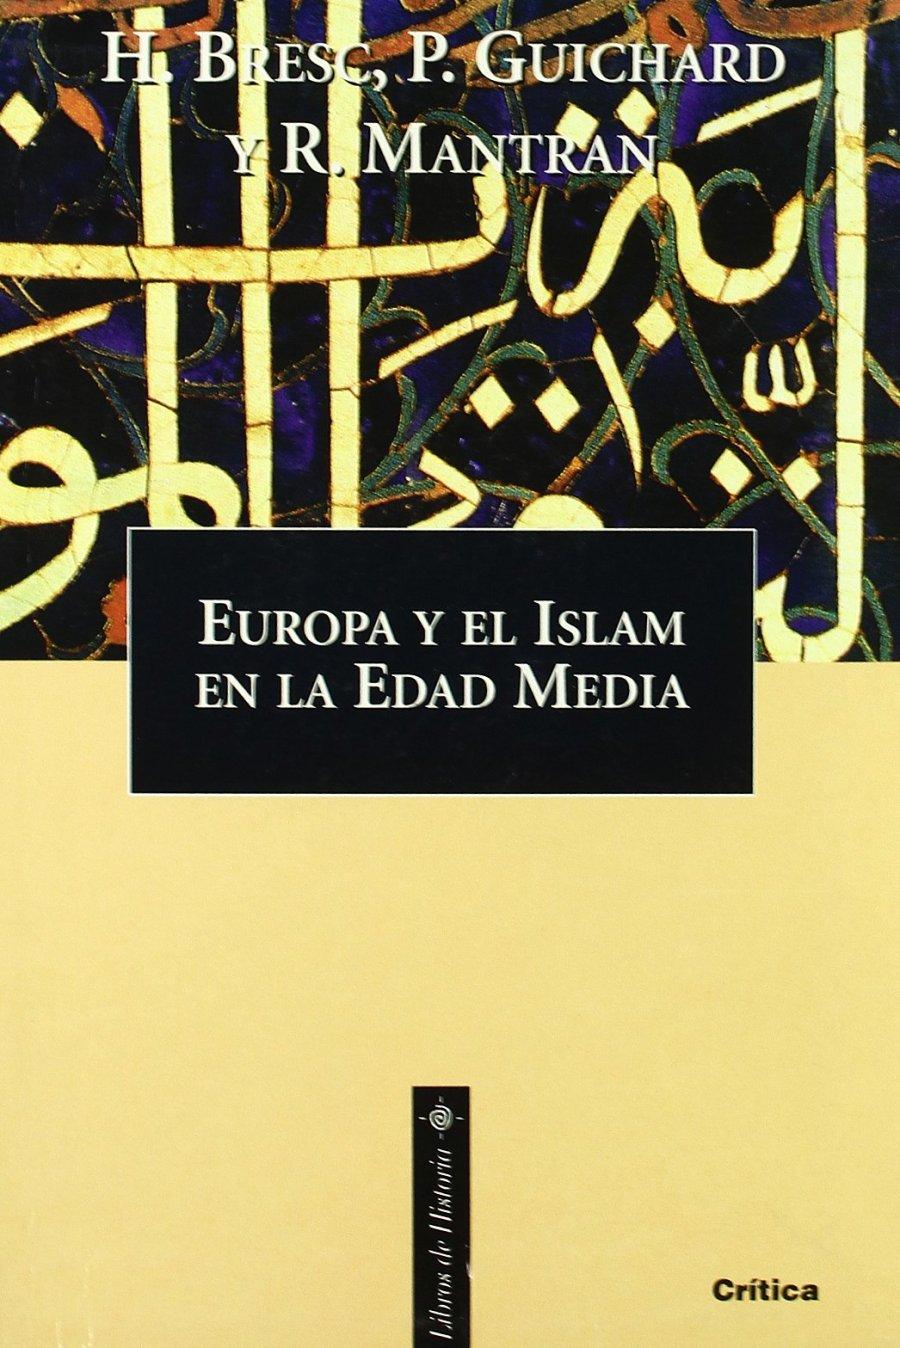 Europa y el islam en la edad media Book Cover